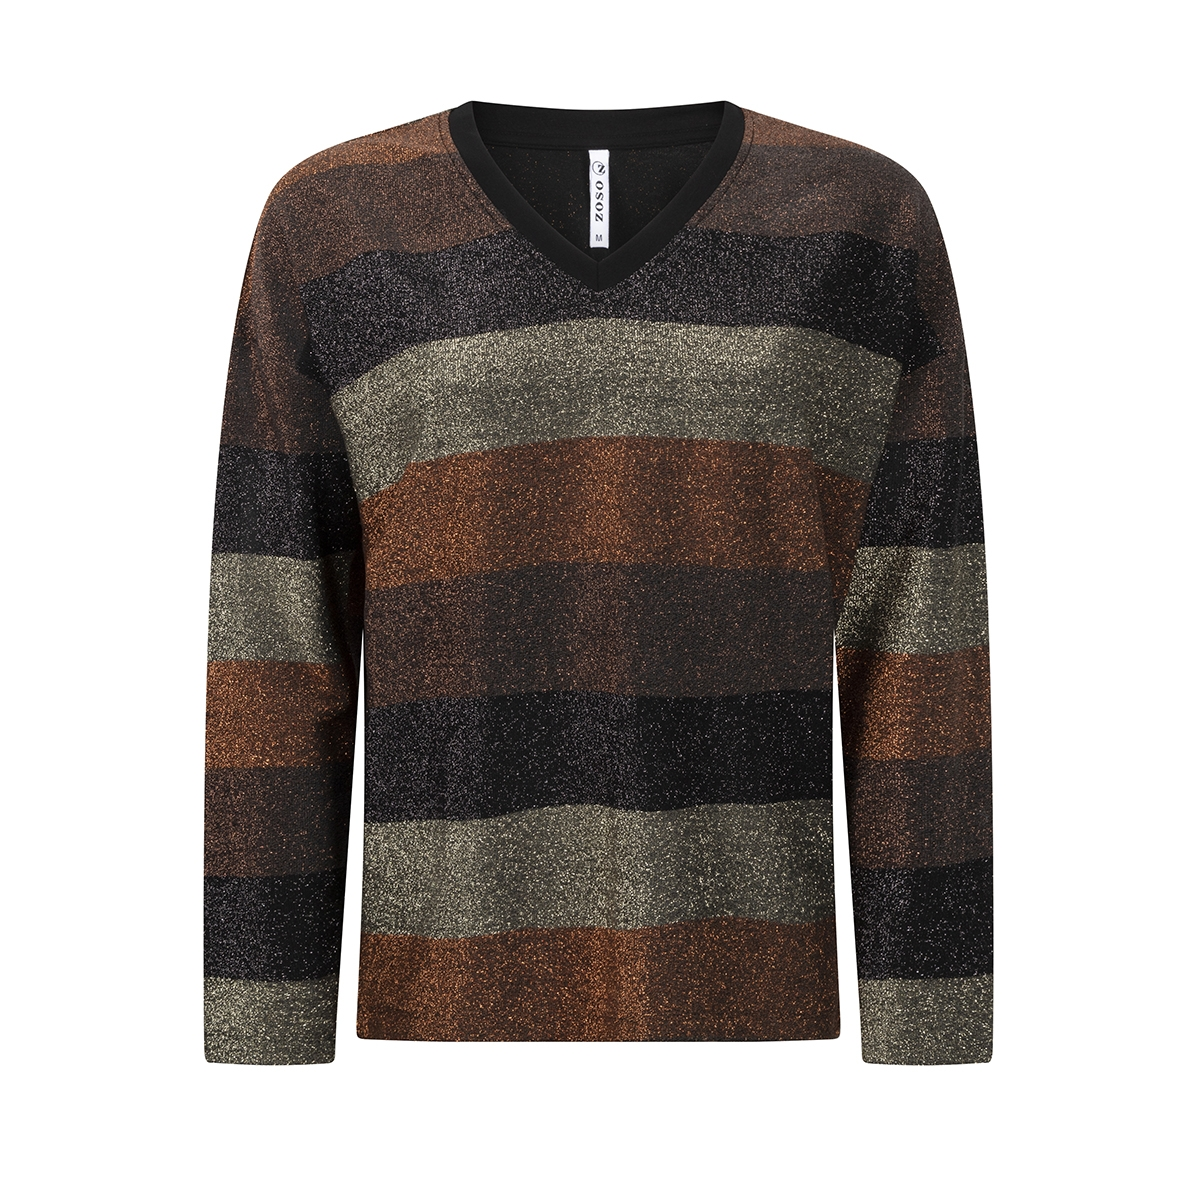 195 natas lurex sweater zoso trui 5000 as is